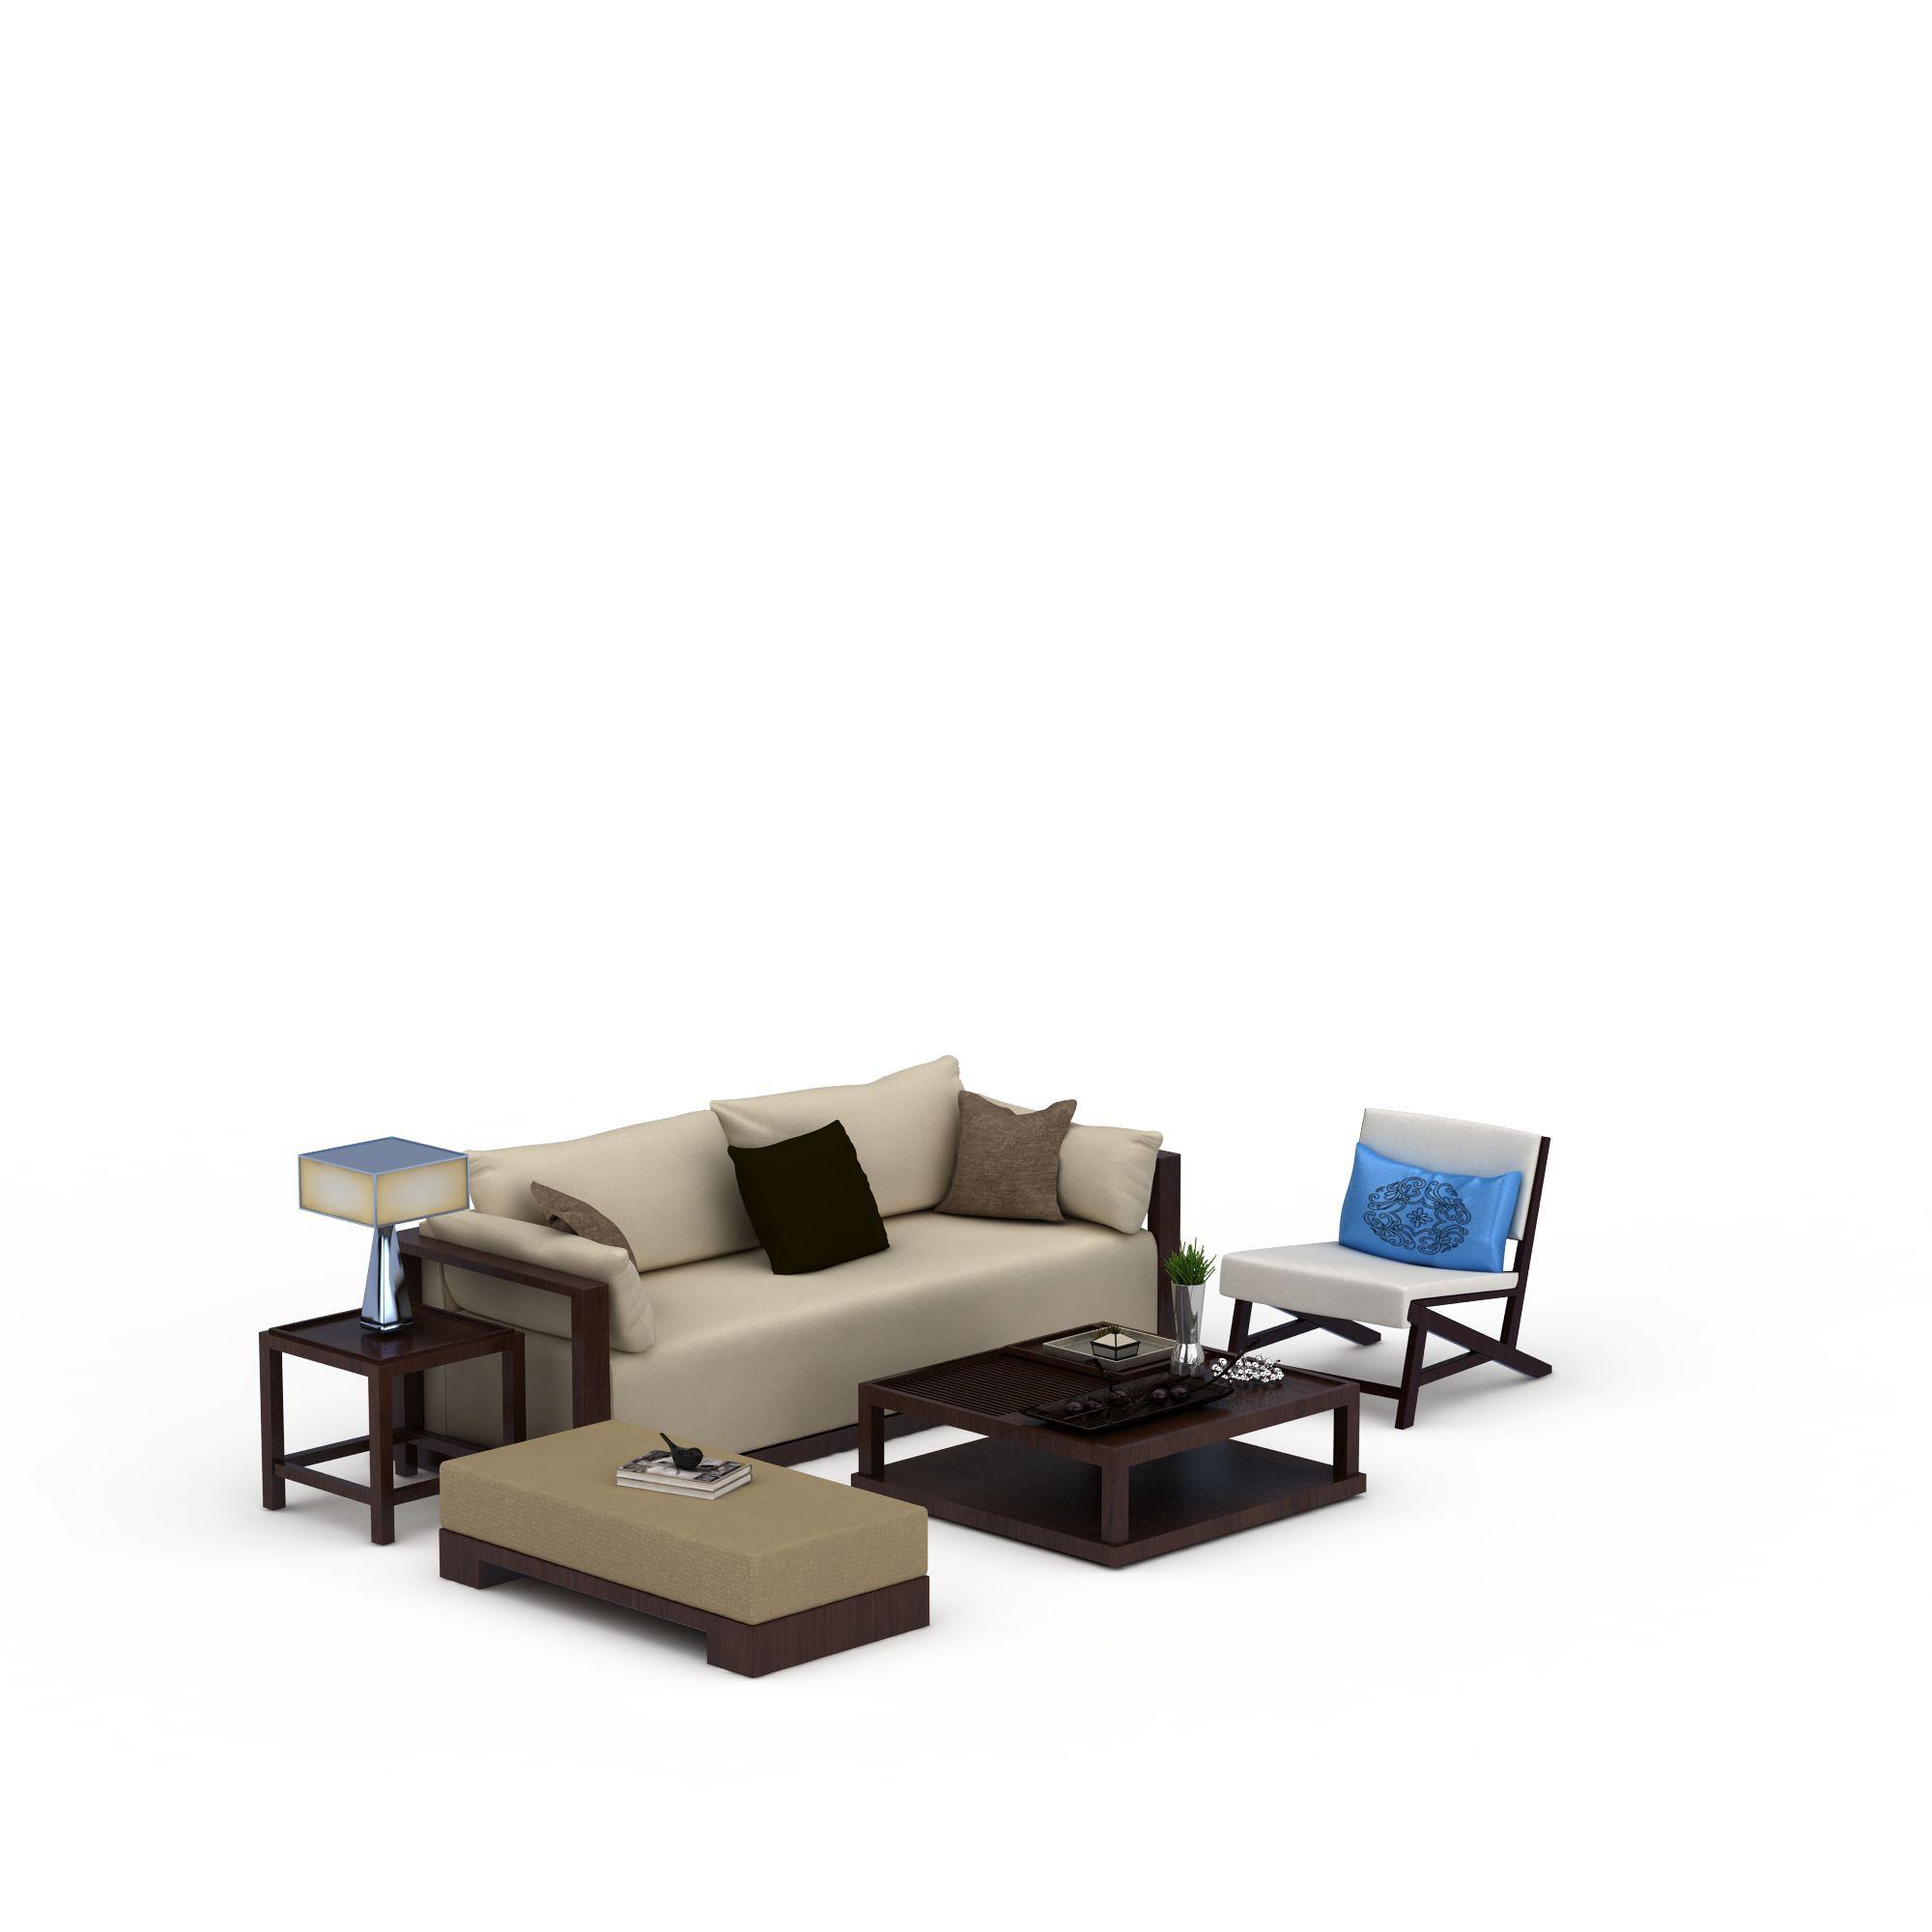 中式沙发组合图片_中式沙发组合png图片素材_中式沙发